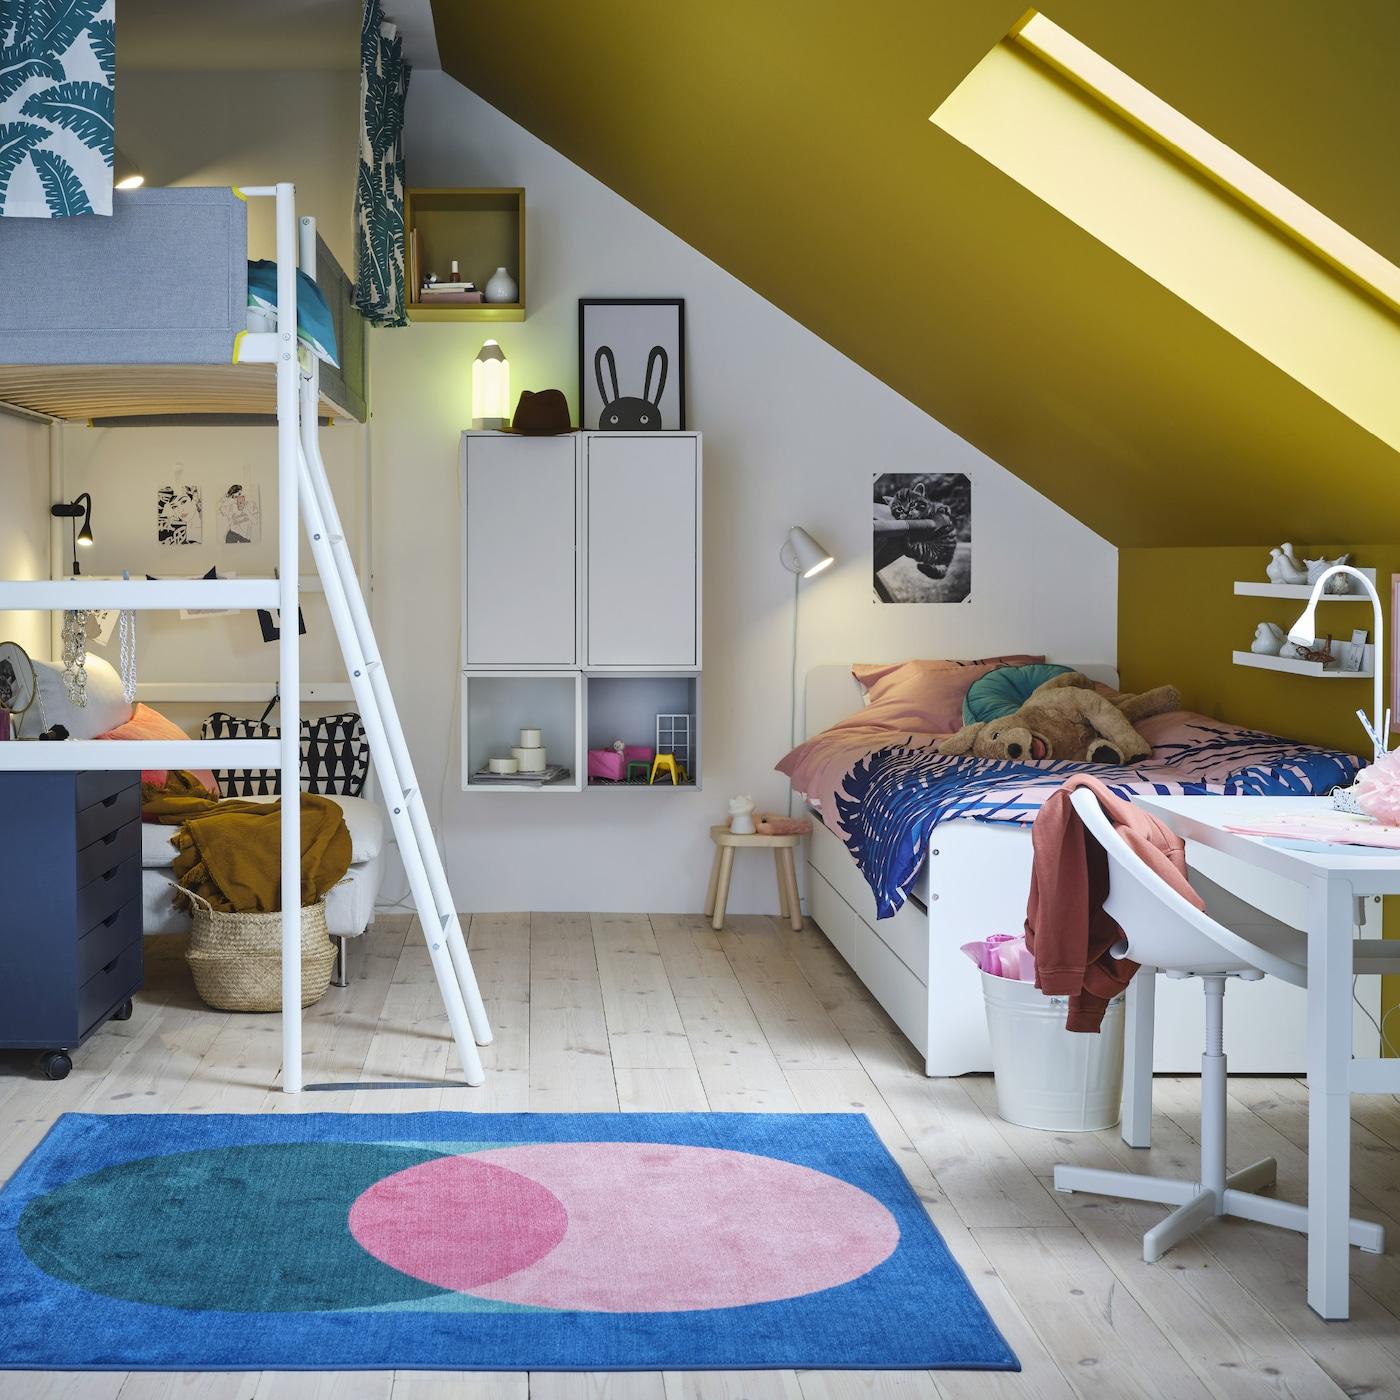 غرفة أطفال بها سرير علوي، وهيكل سرير أبيض، ووحداتوخزائن معلقة على الحائط، ومكتب أبيضوسجادة وردي/أخضر.